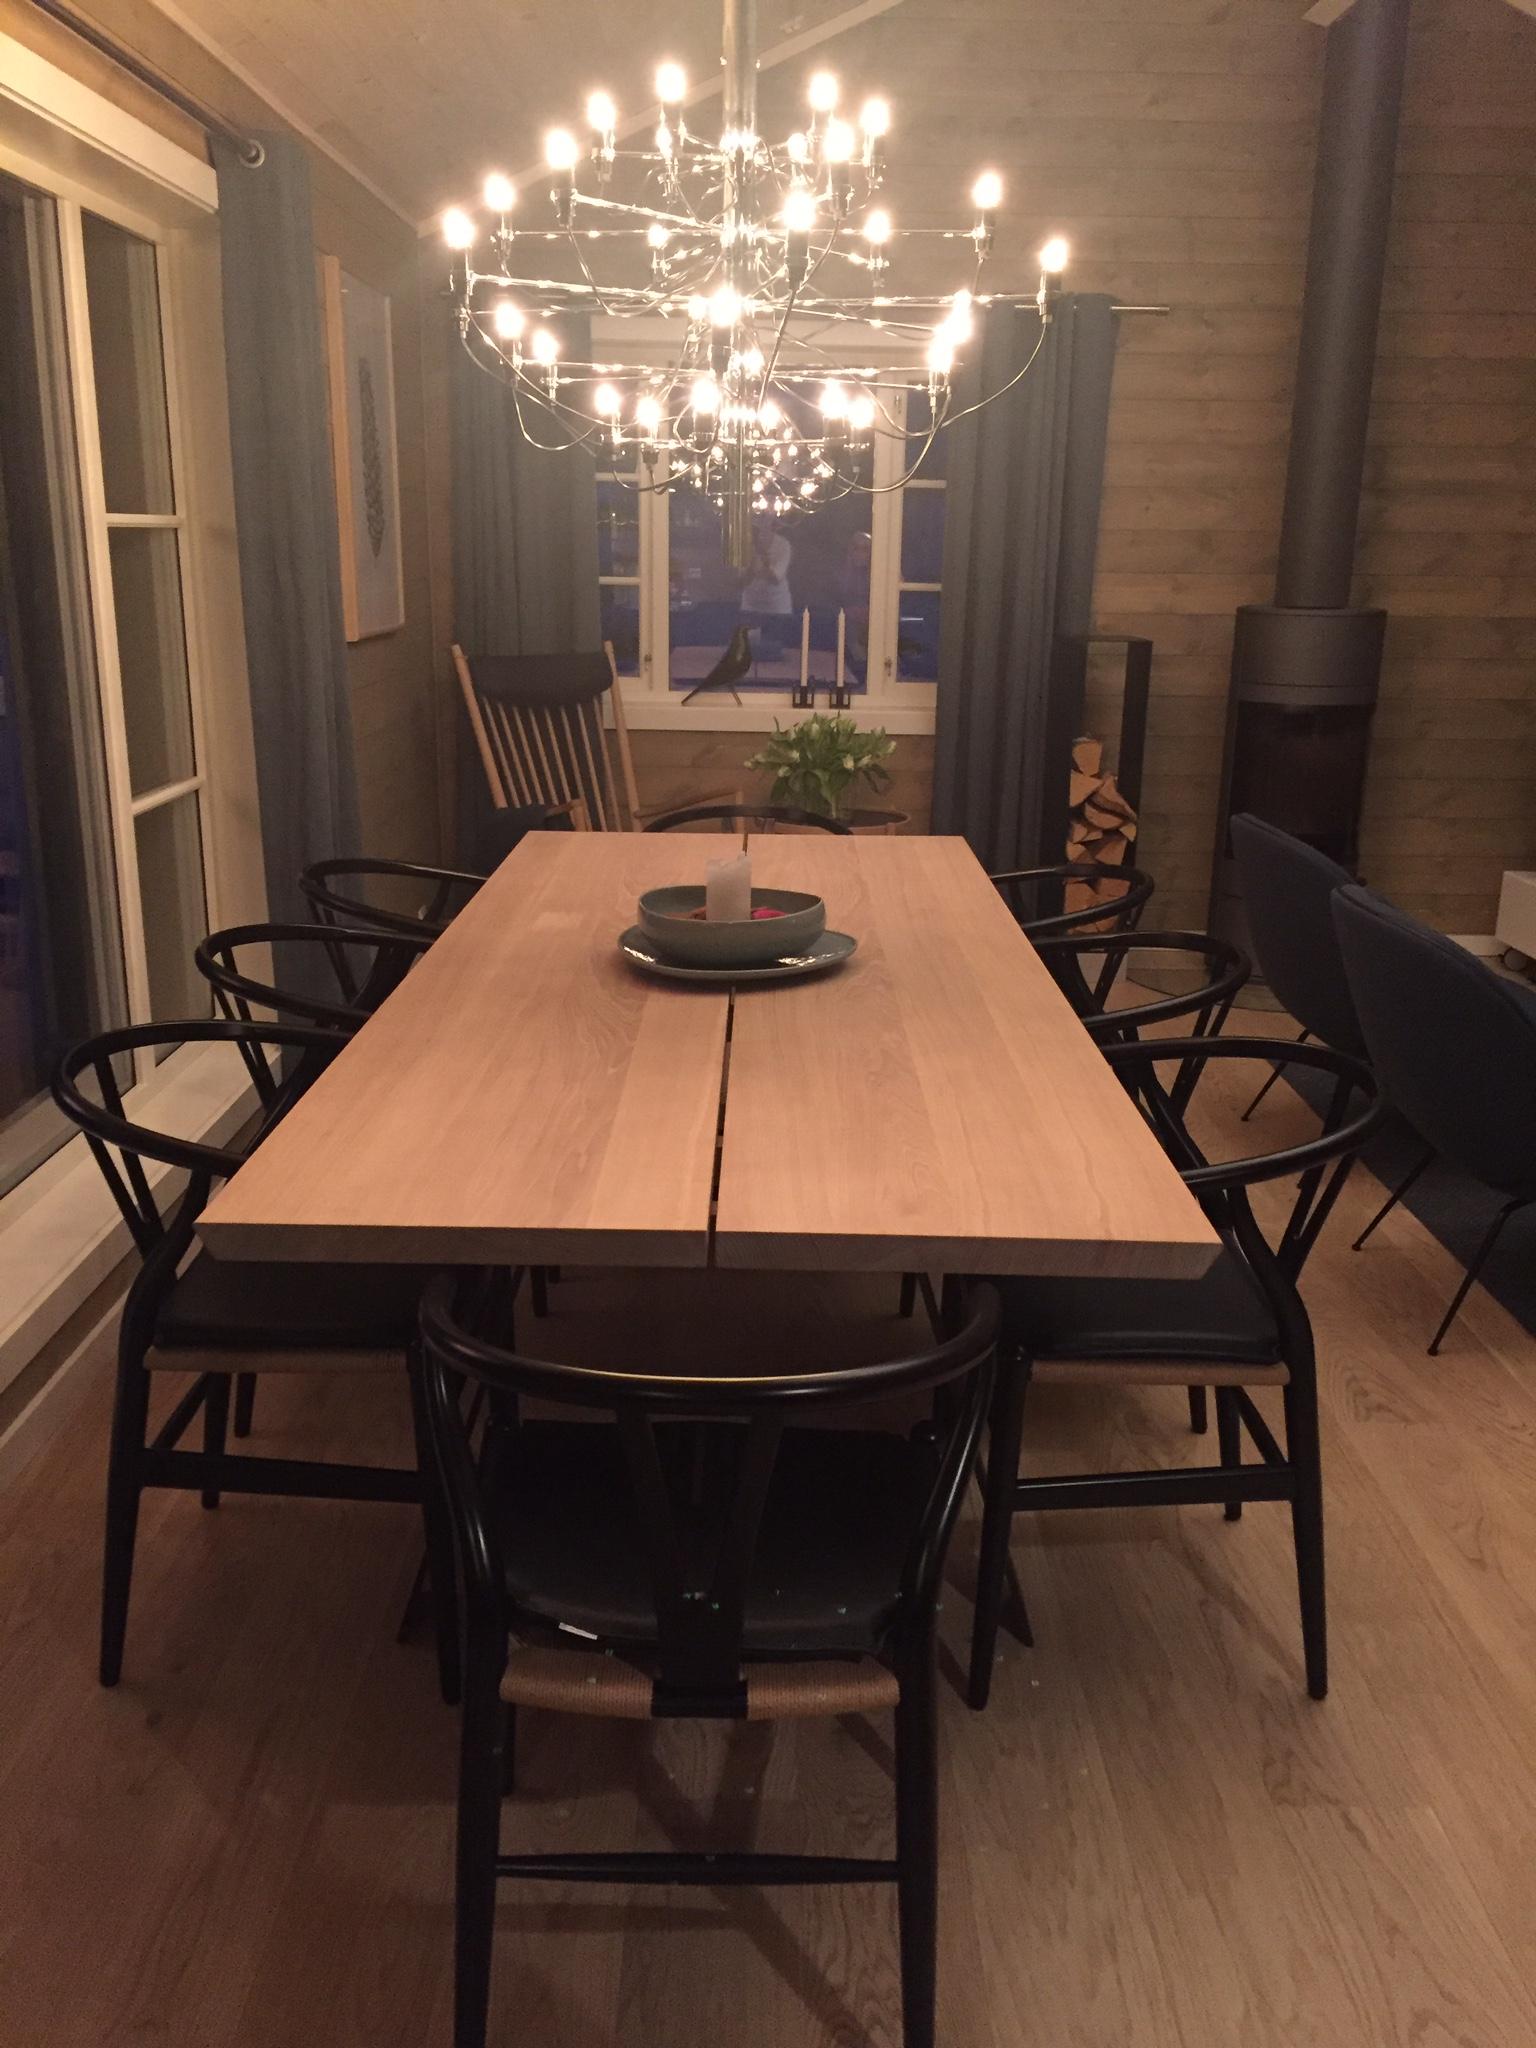 Plank heltre spisebord fra Naver, sorte Y-stoler designet av Hans J. Wegner og lysekronen er fra Flos.